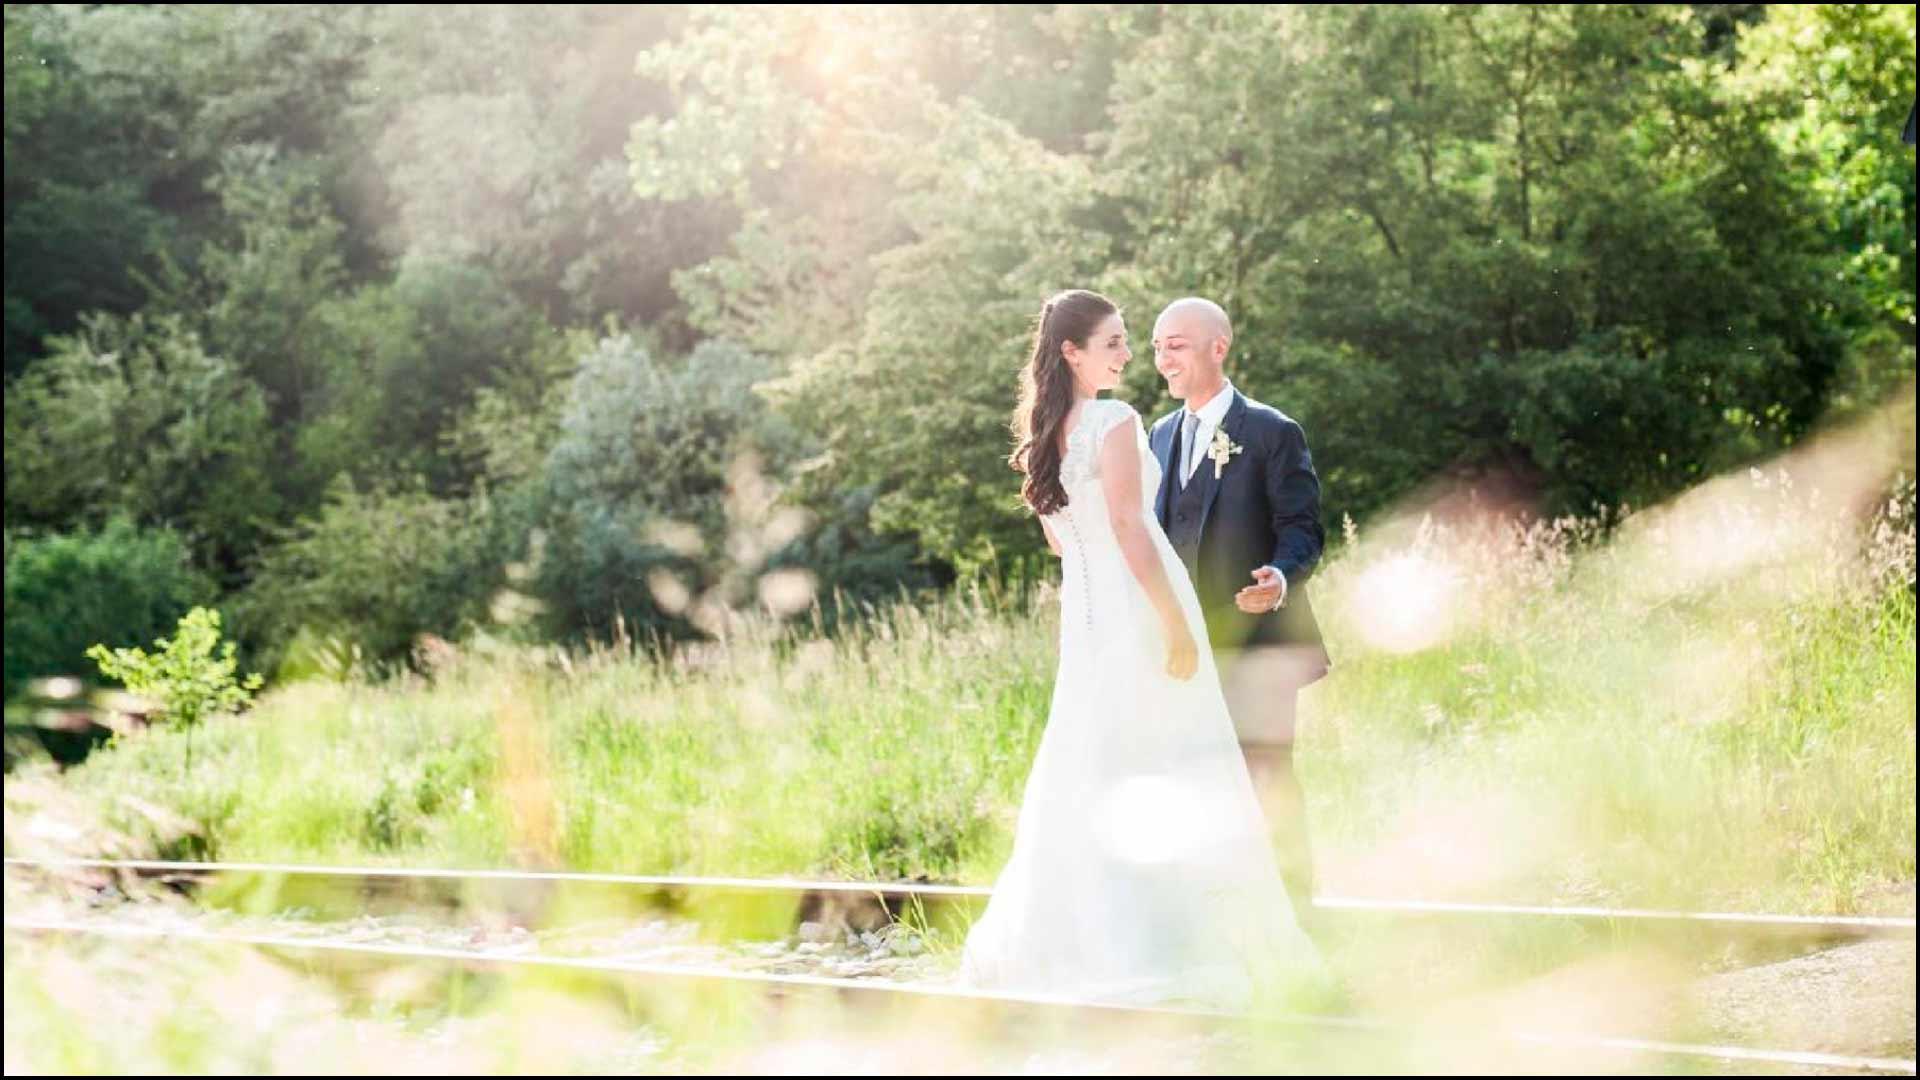 Il fotografo di matrimonio a varese fotografa gli sposi in un momeno di tranquillità